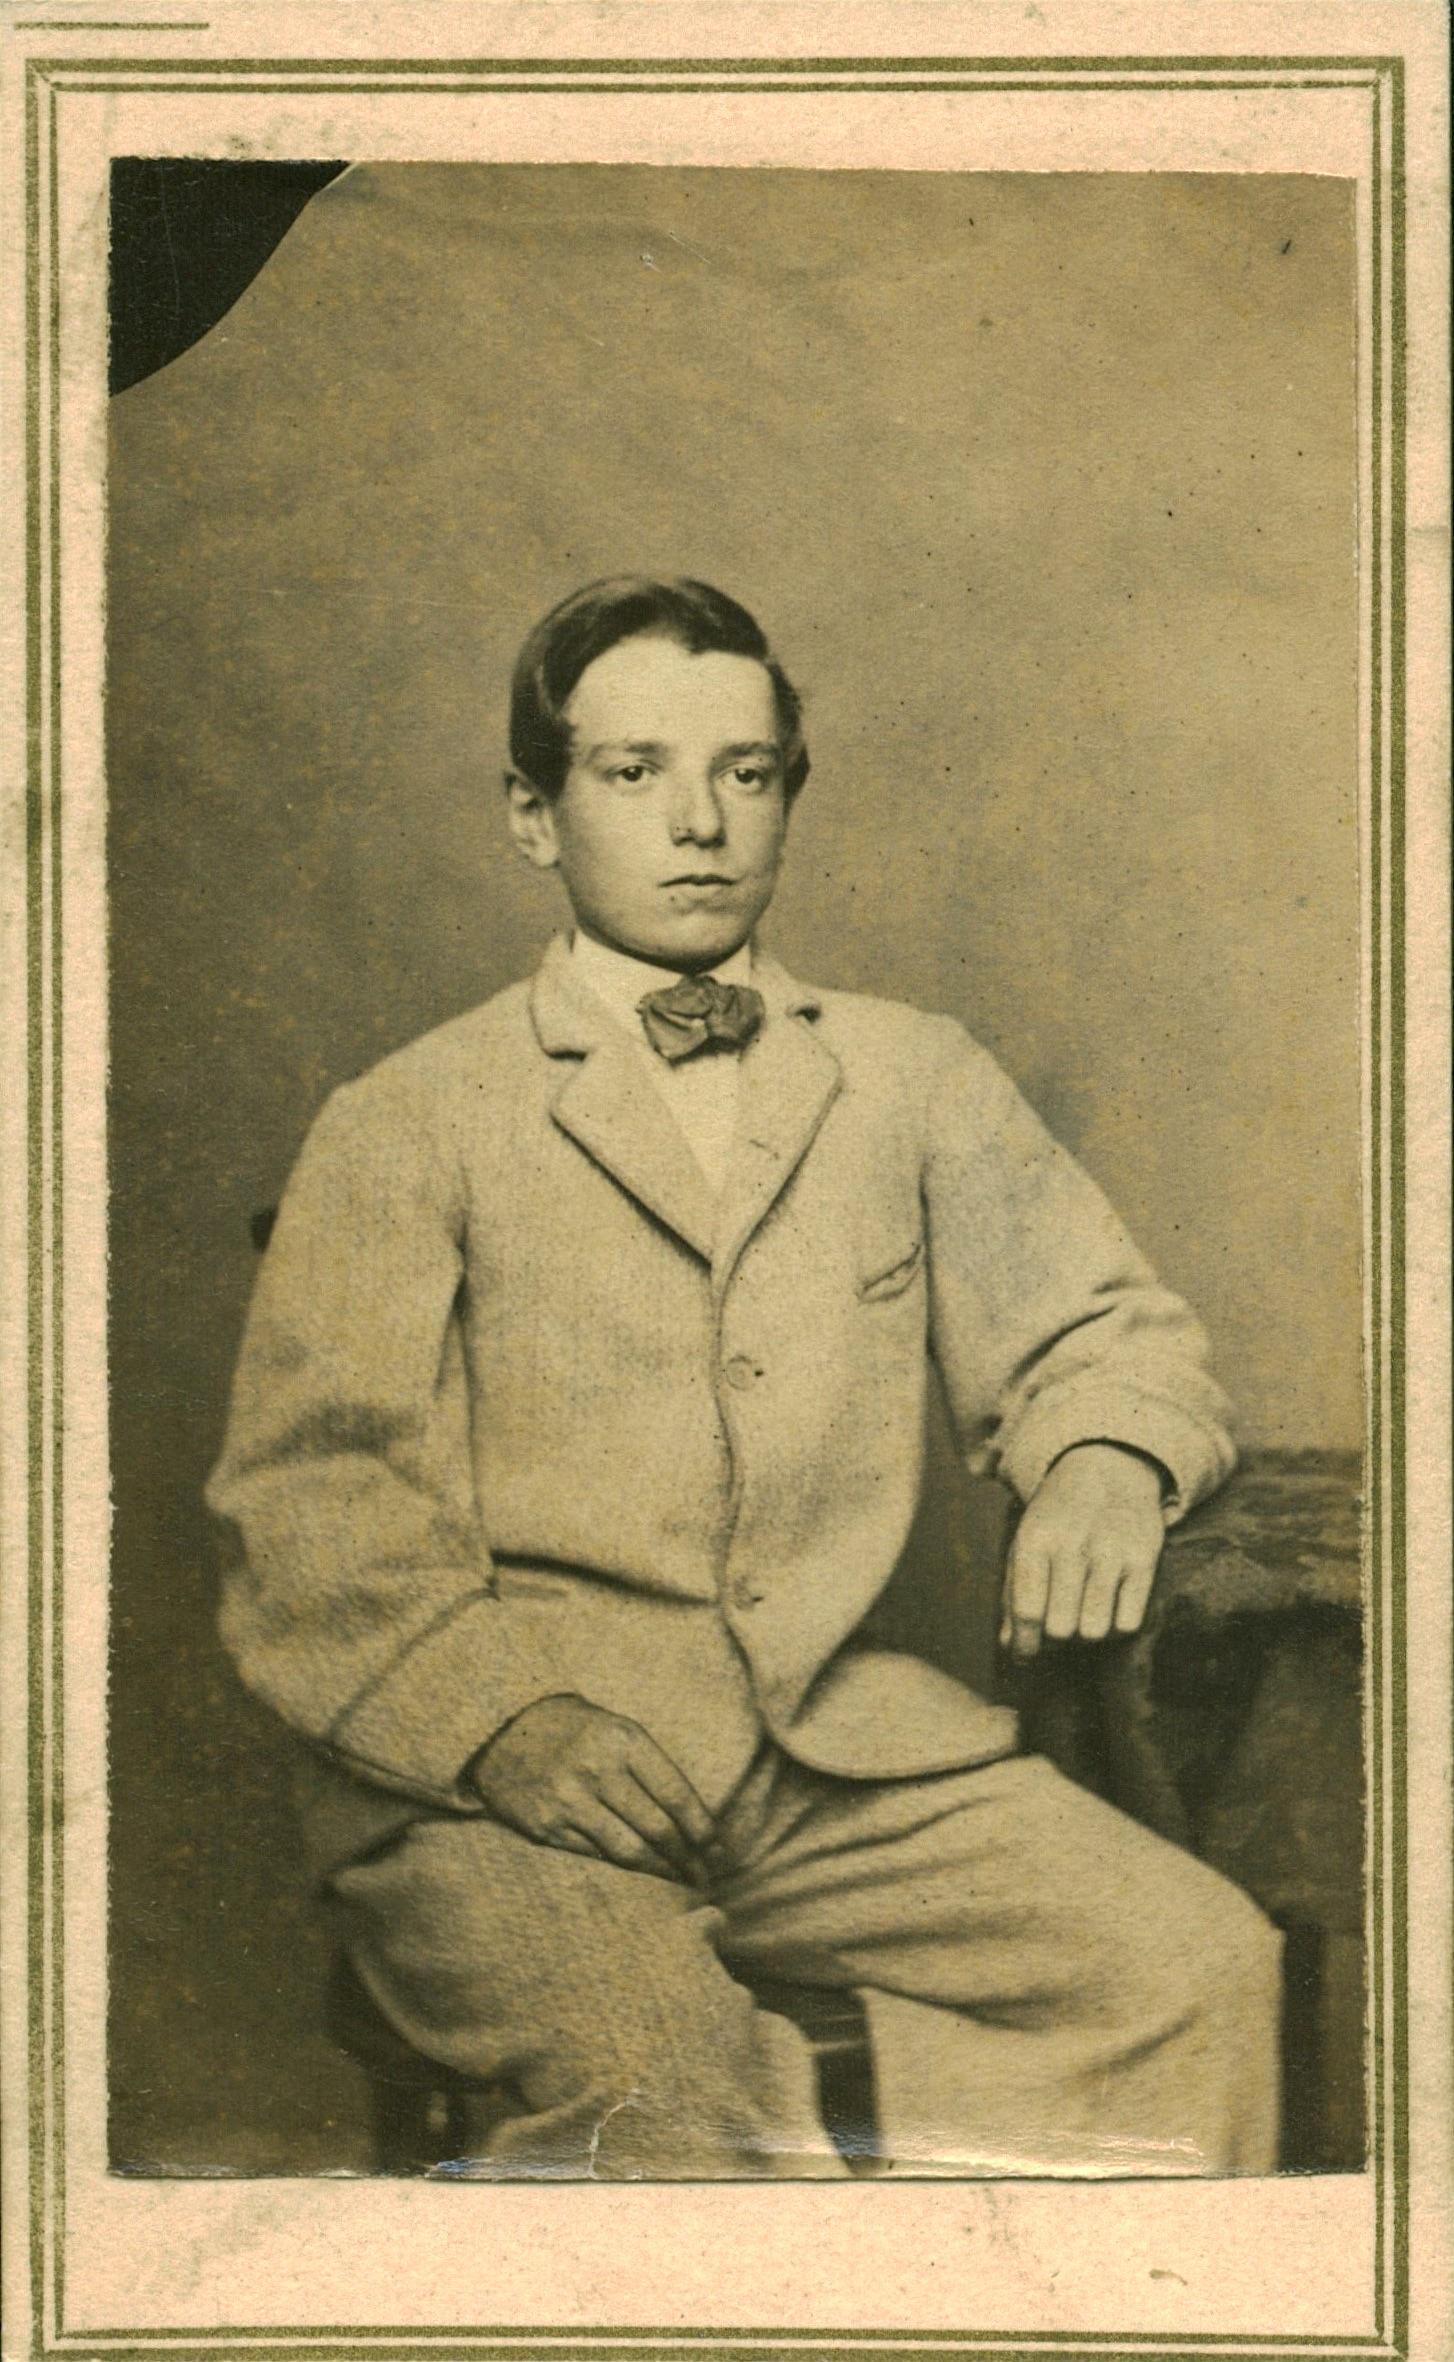 Carte De Visite Photograph Circa 1870 A Young Man Perhaps In His Early Teens